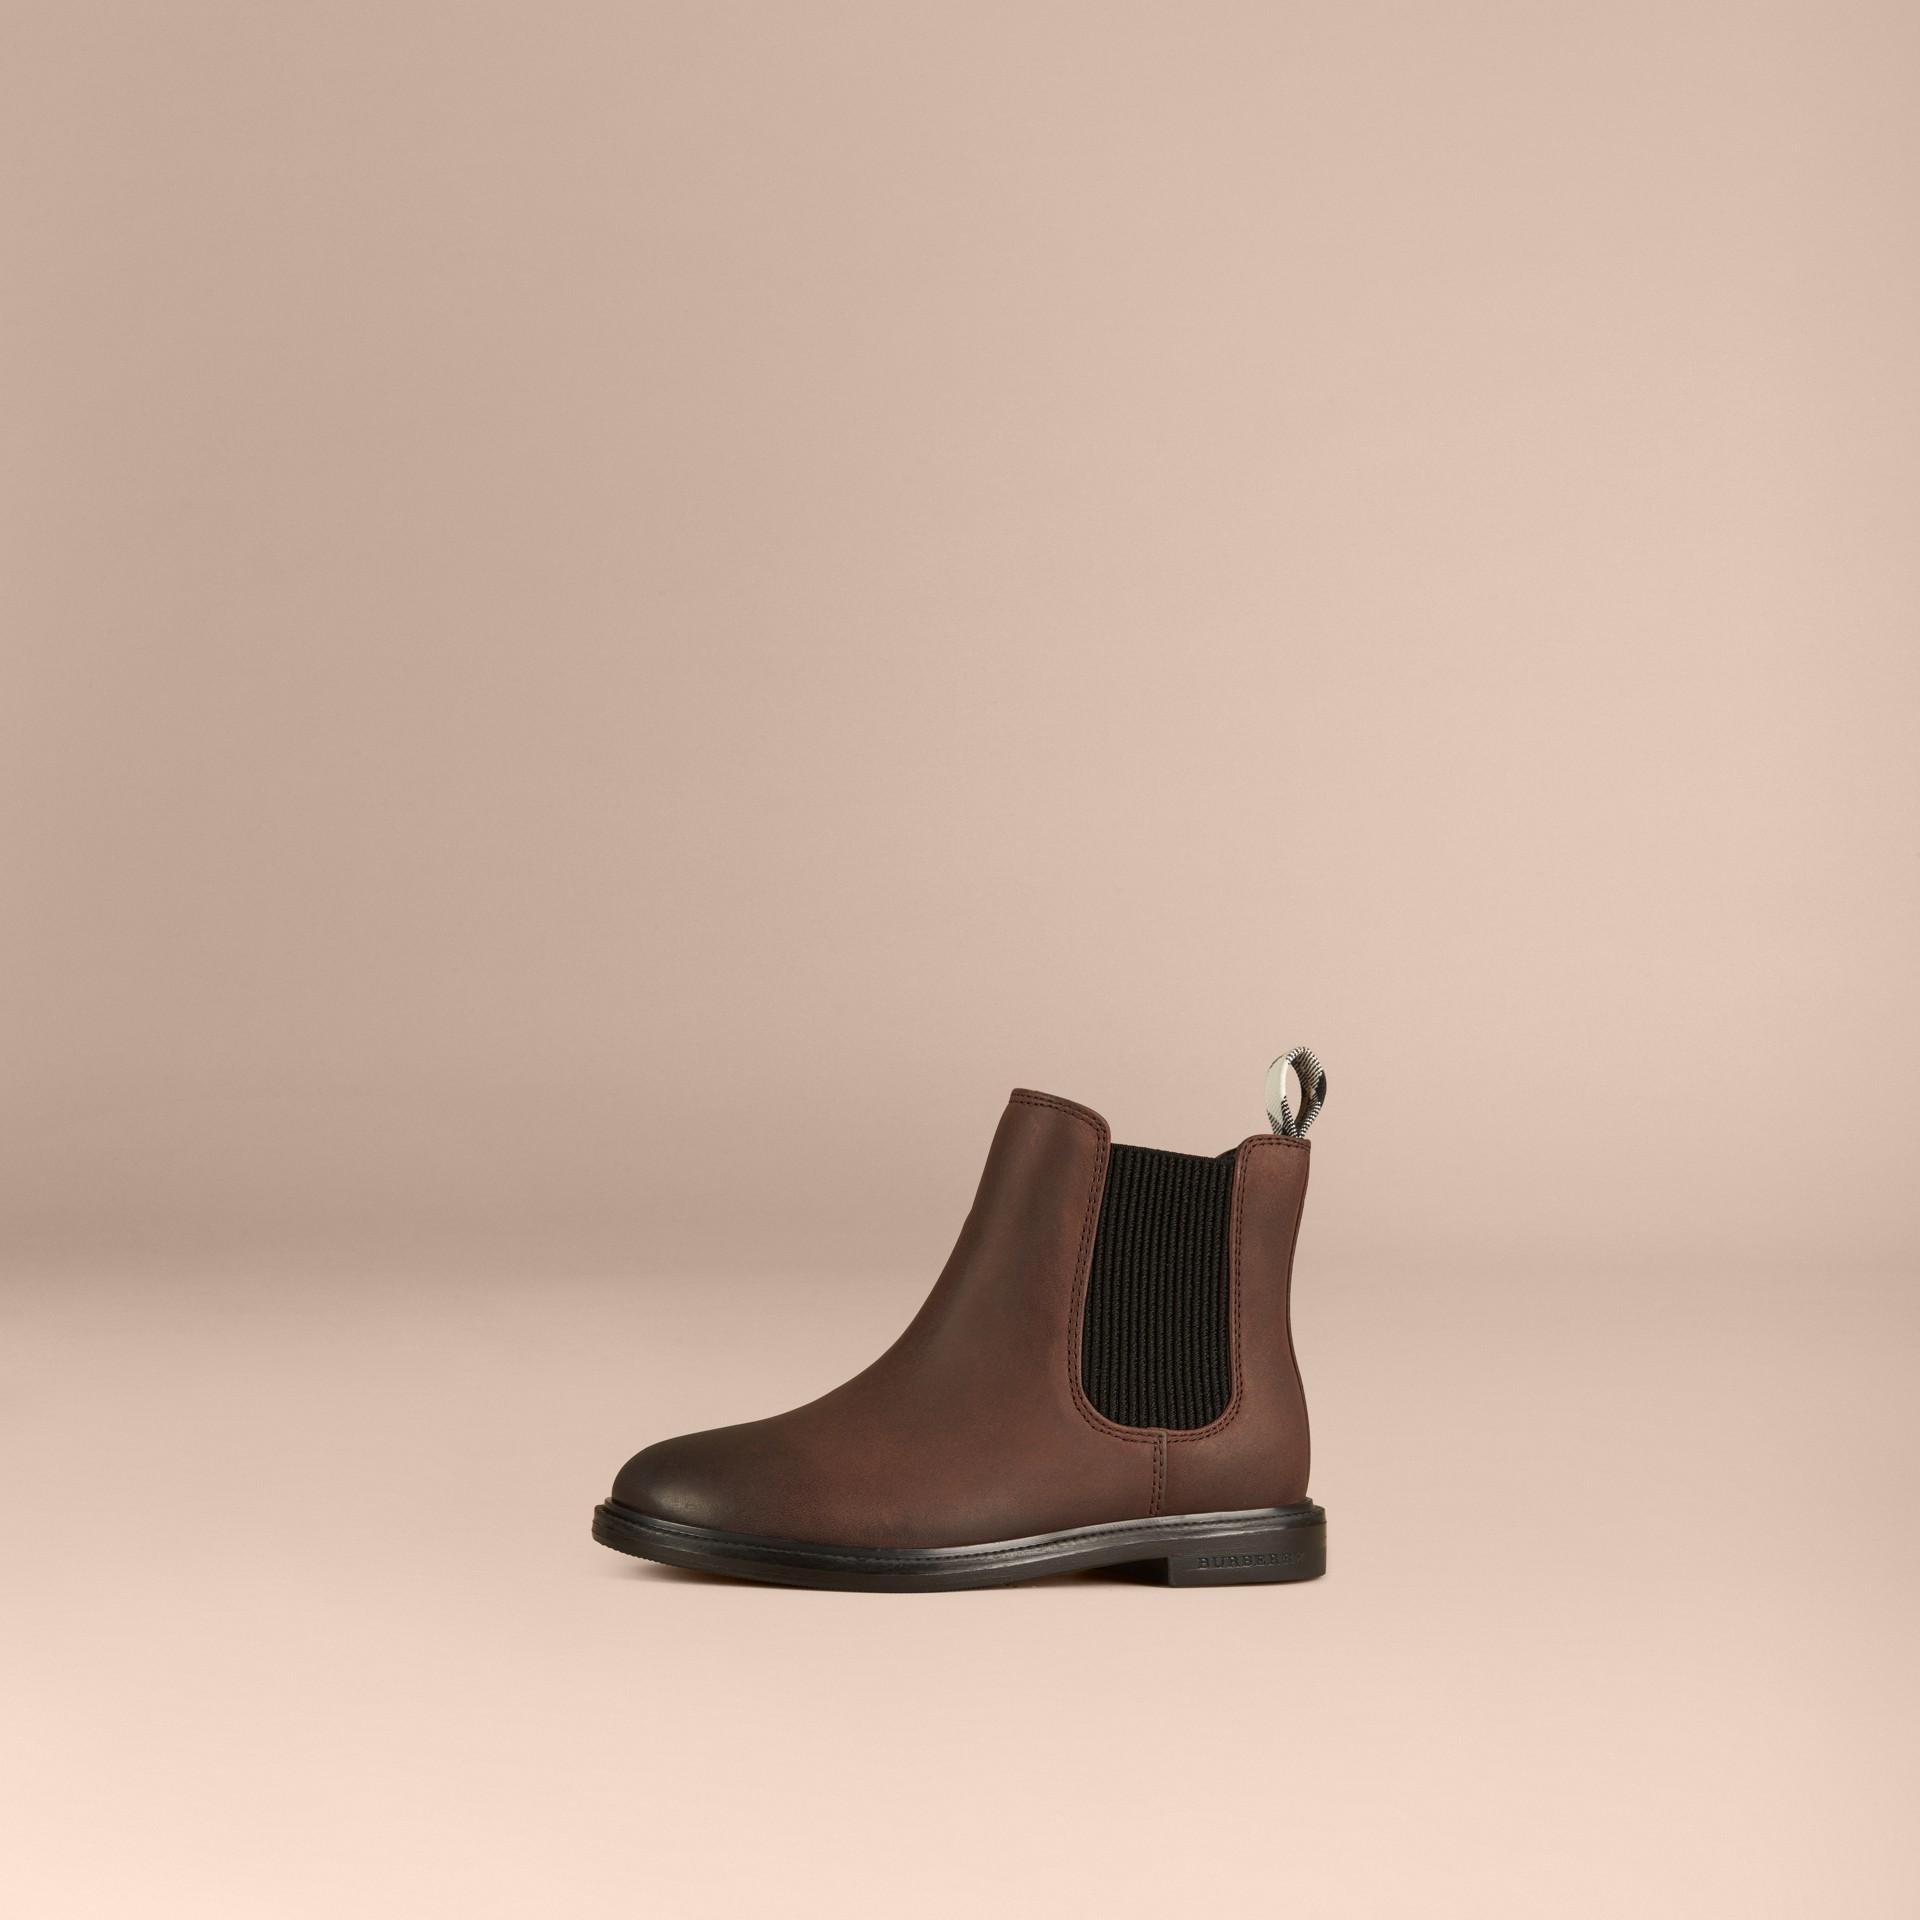 Edelschokoladenbraun Chelsea-Stiefel aus Leder - Galerie-Bild 1